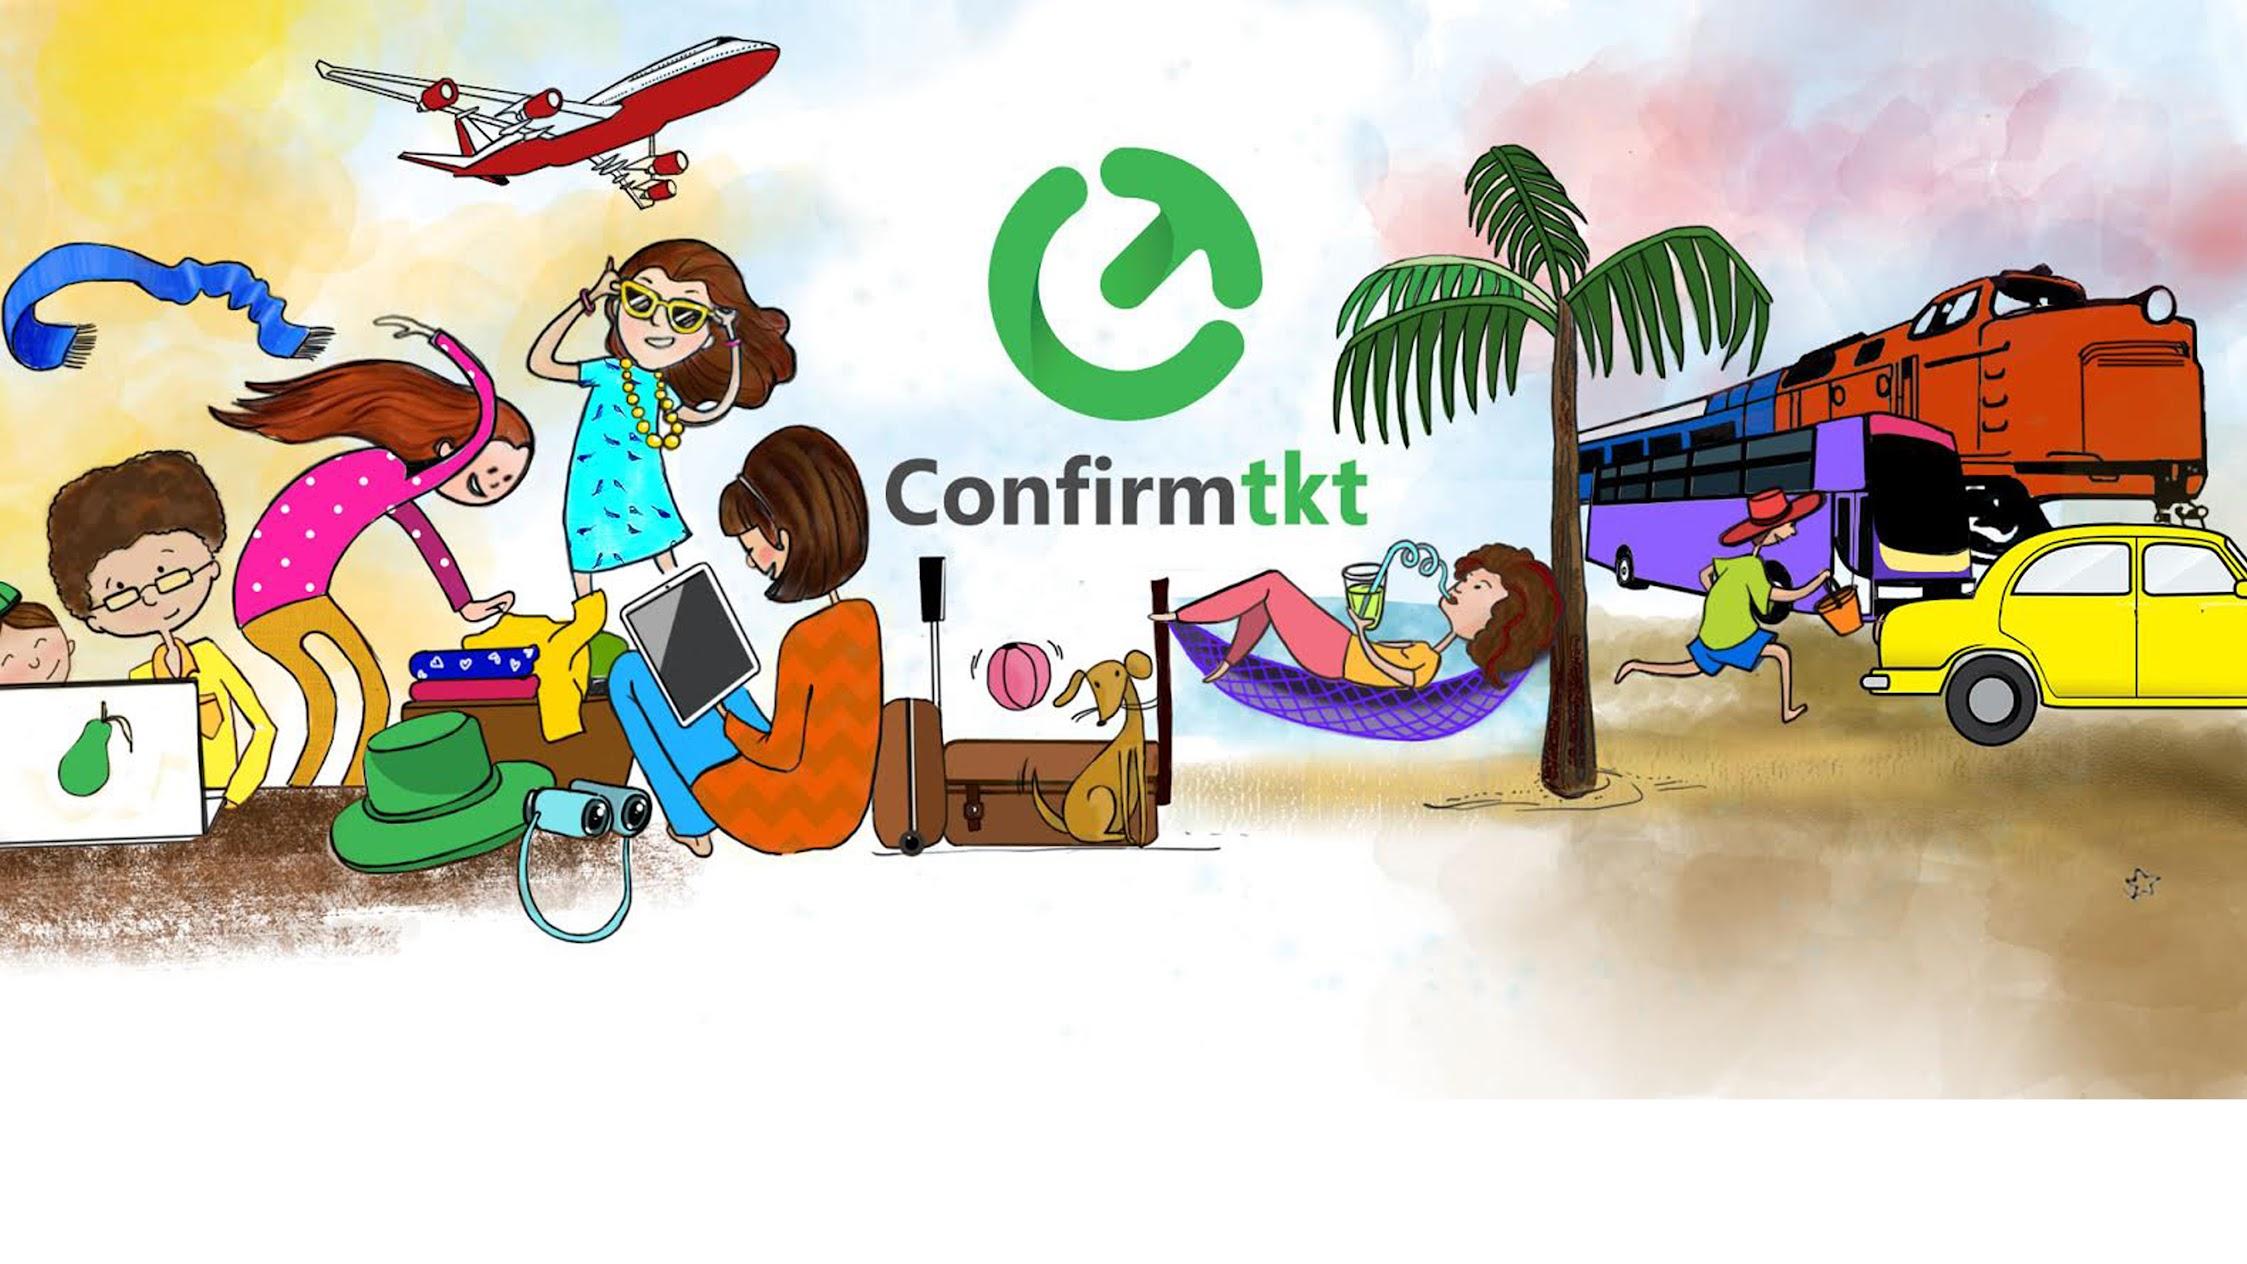 ConfirmTkt.com